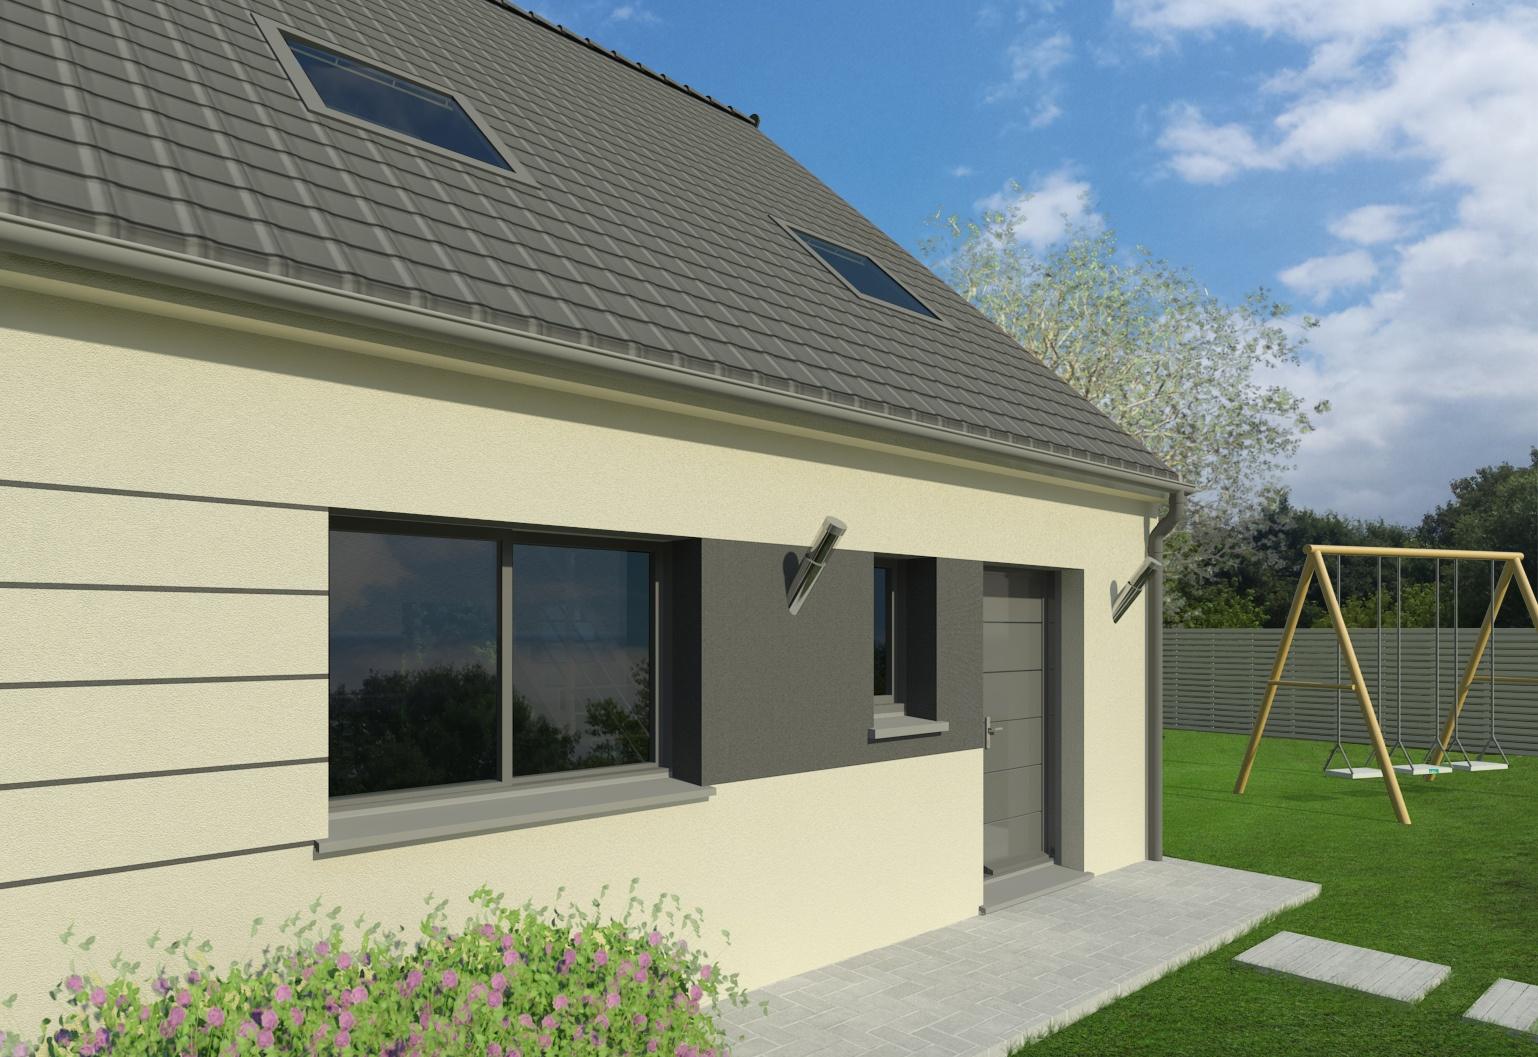 Maisons + Terrains du constructeur MAISON FAMILIALE COIGNIERES • 90 m² • BUCHELAY